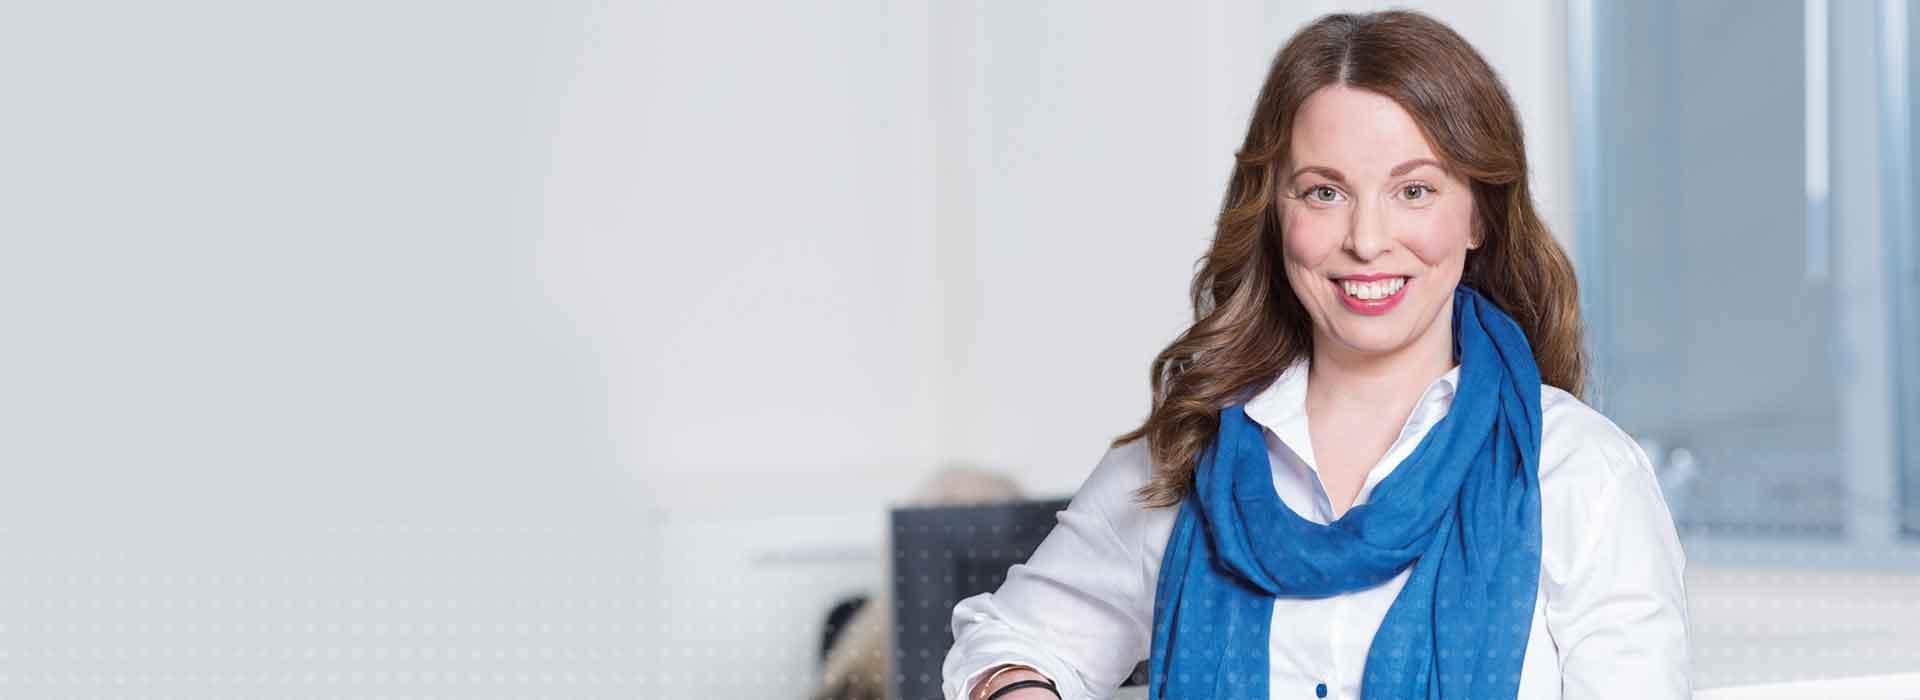 Audika är din expert på hörsel med ett 30-tal hörselkliniker i Sverige. Läs mer om Audika, vart Audika finns och hur Audika kan hjälp dig till en bättre hörsel. Läs här!